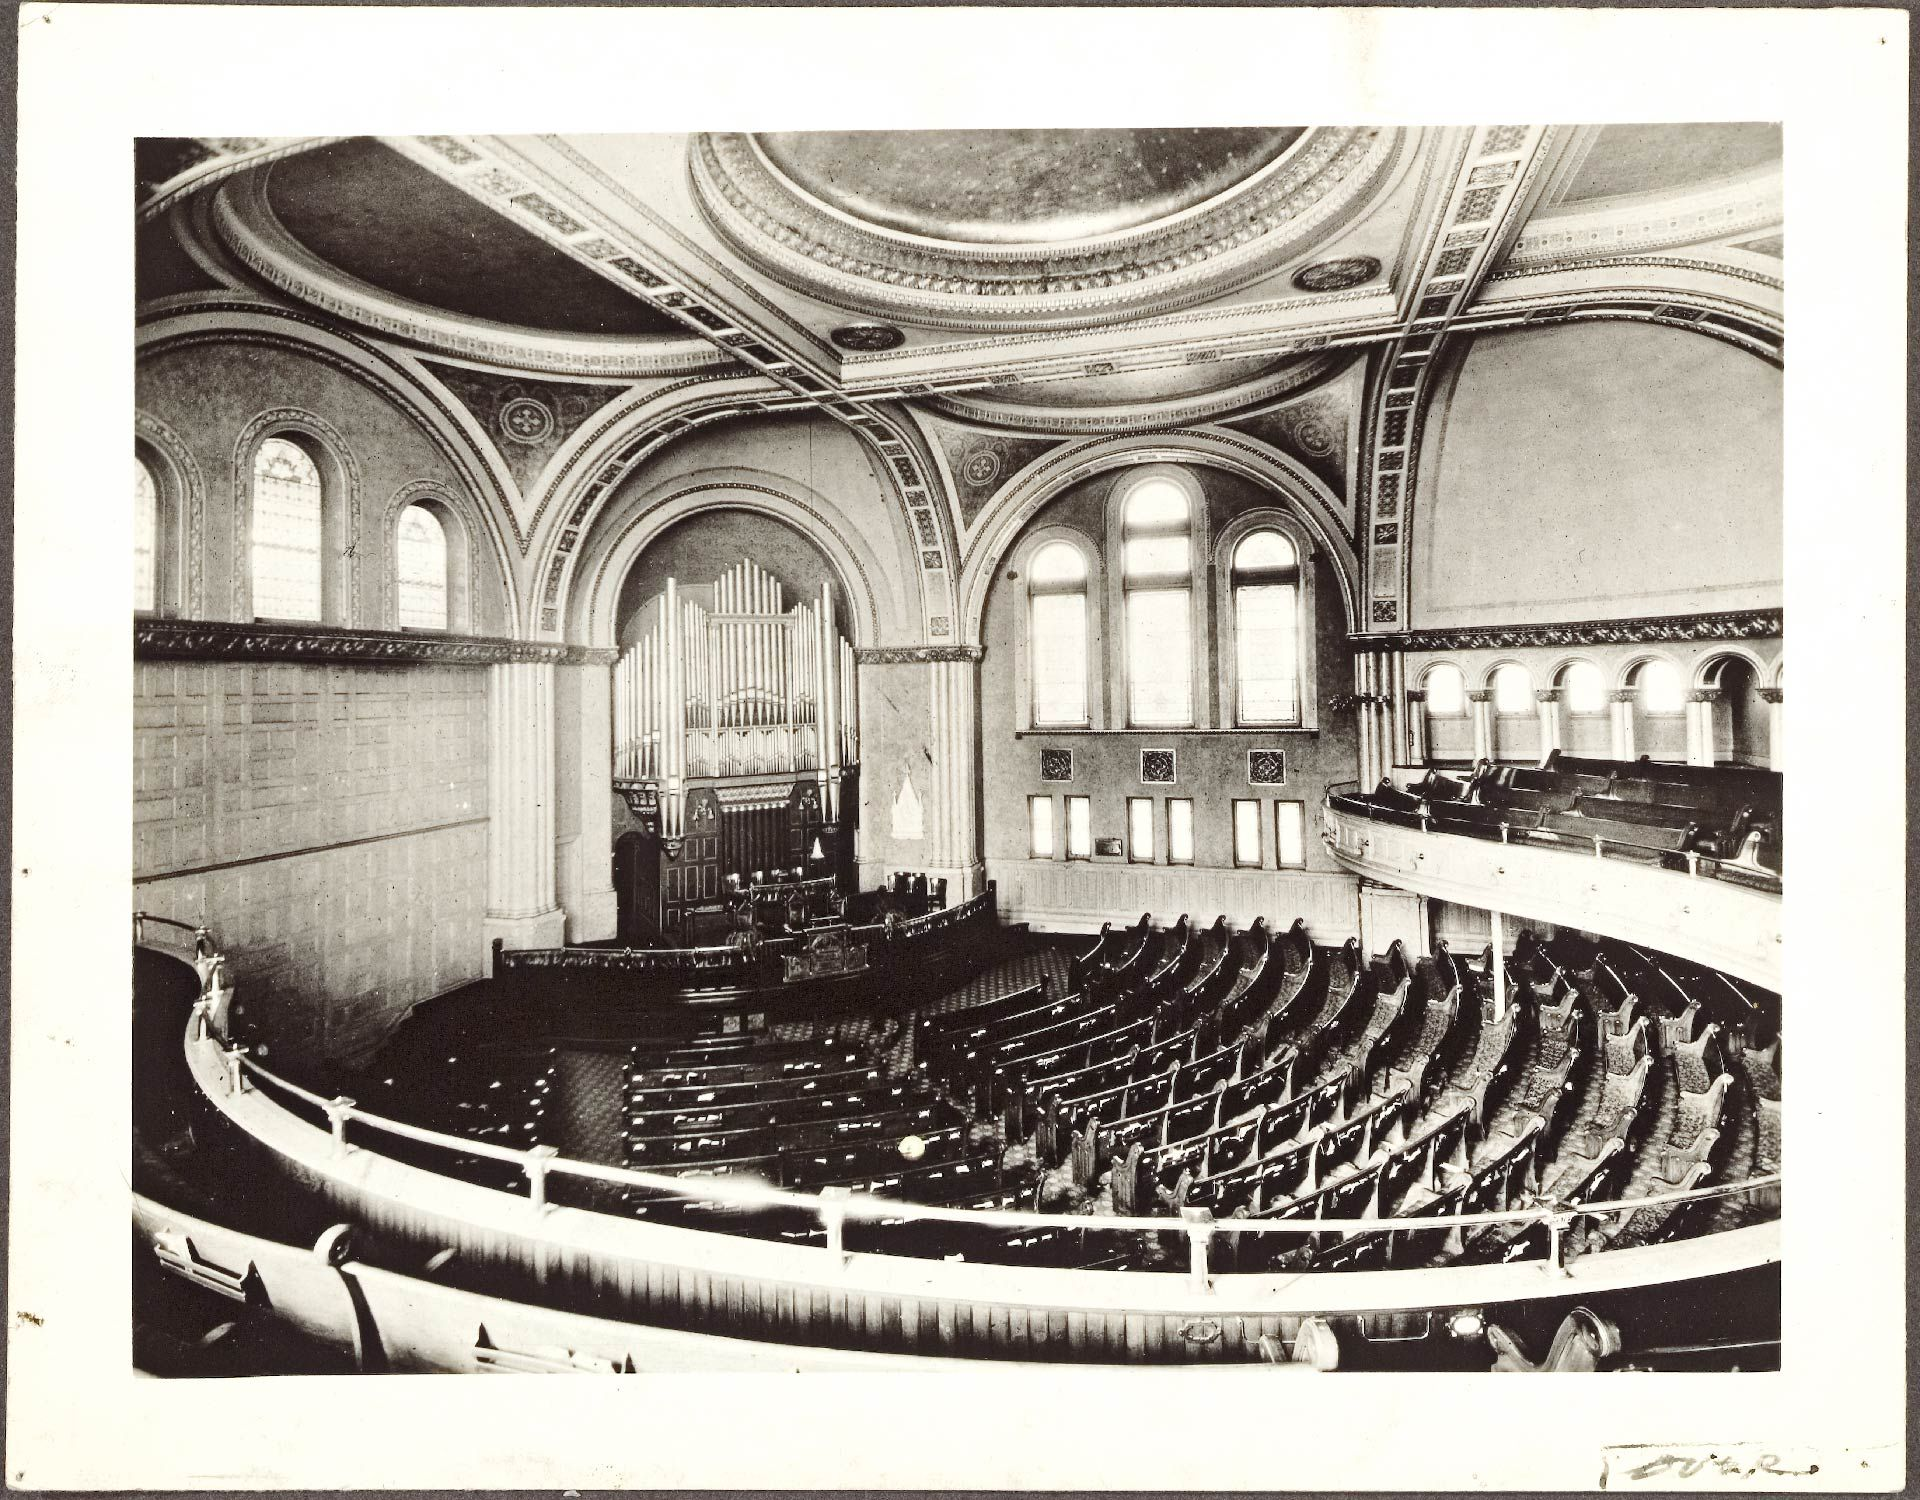 Photo en noir et blanc de l'intérieur de l'église Erskine and American, datée de 1938